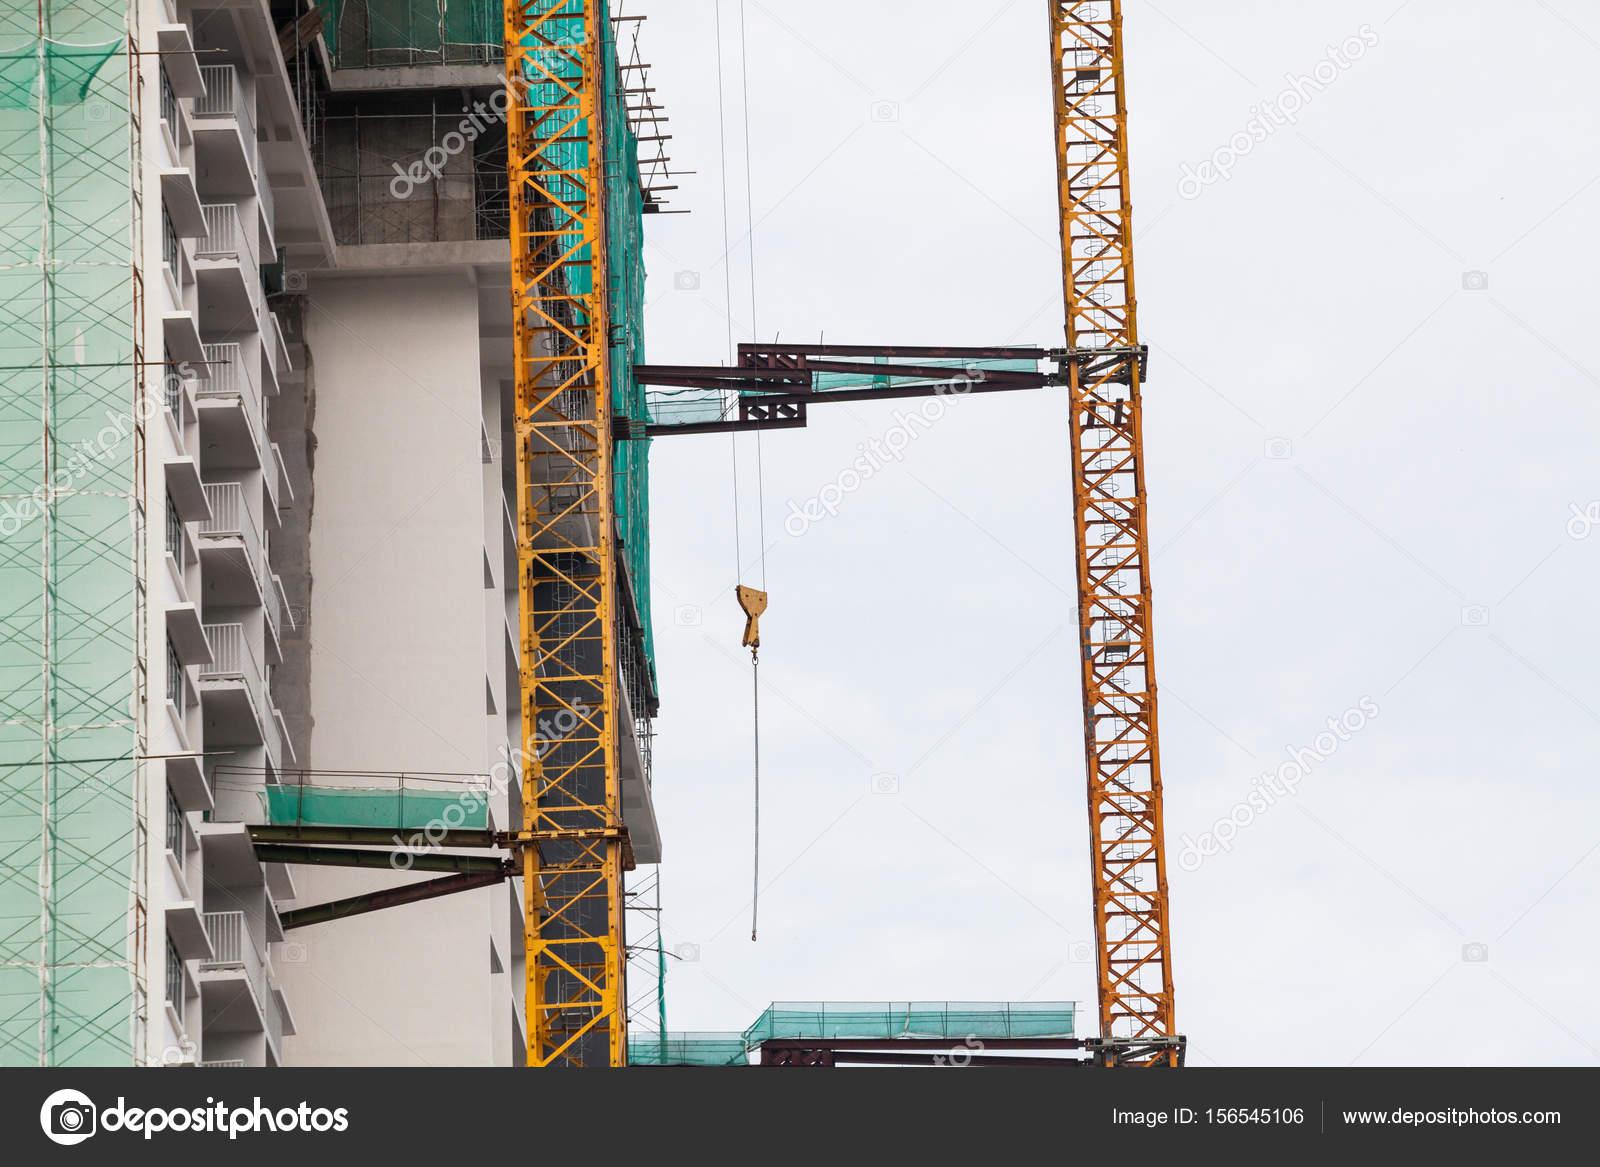 mode de site de construction de grue ascenseur poutre m tallique briques chelle m tallique. Black Bedroom Furniture Sets. Home Design Ideas